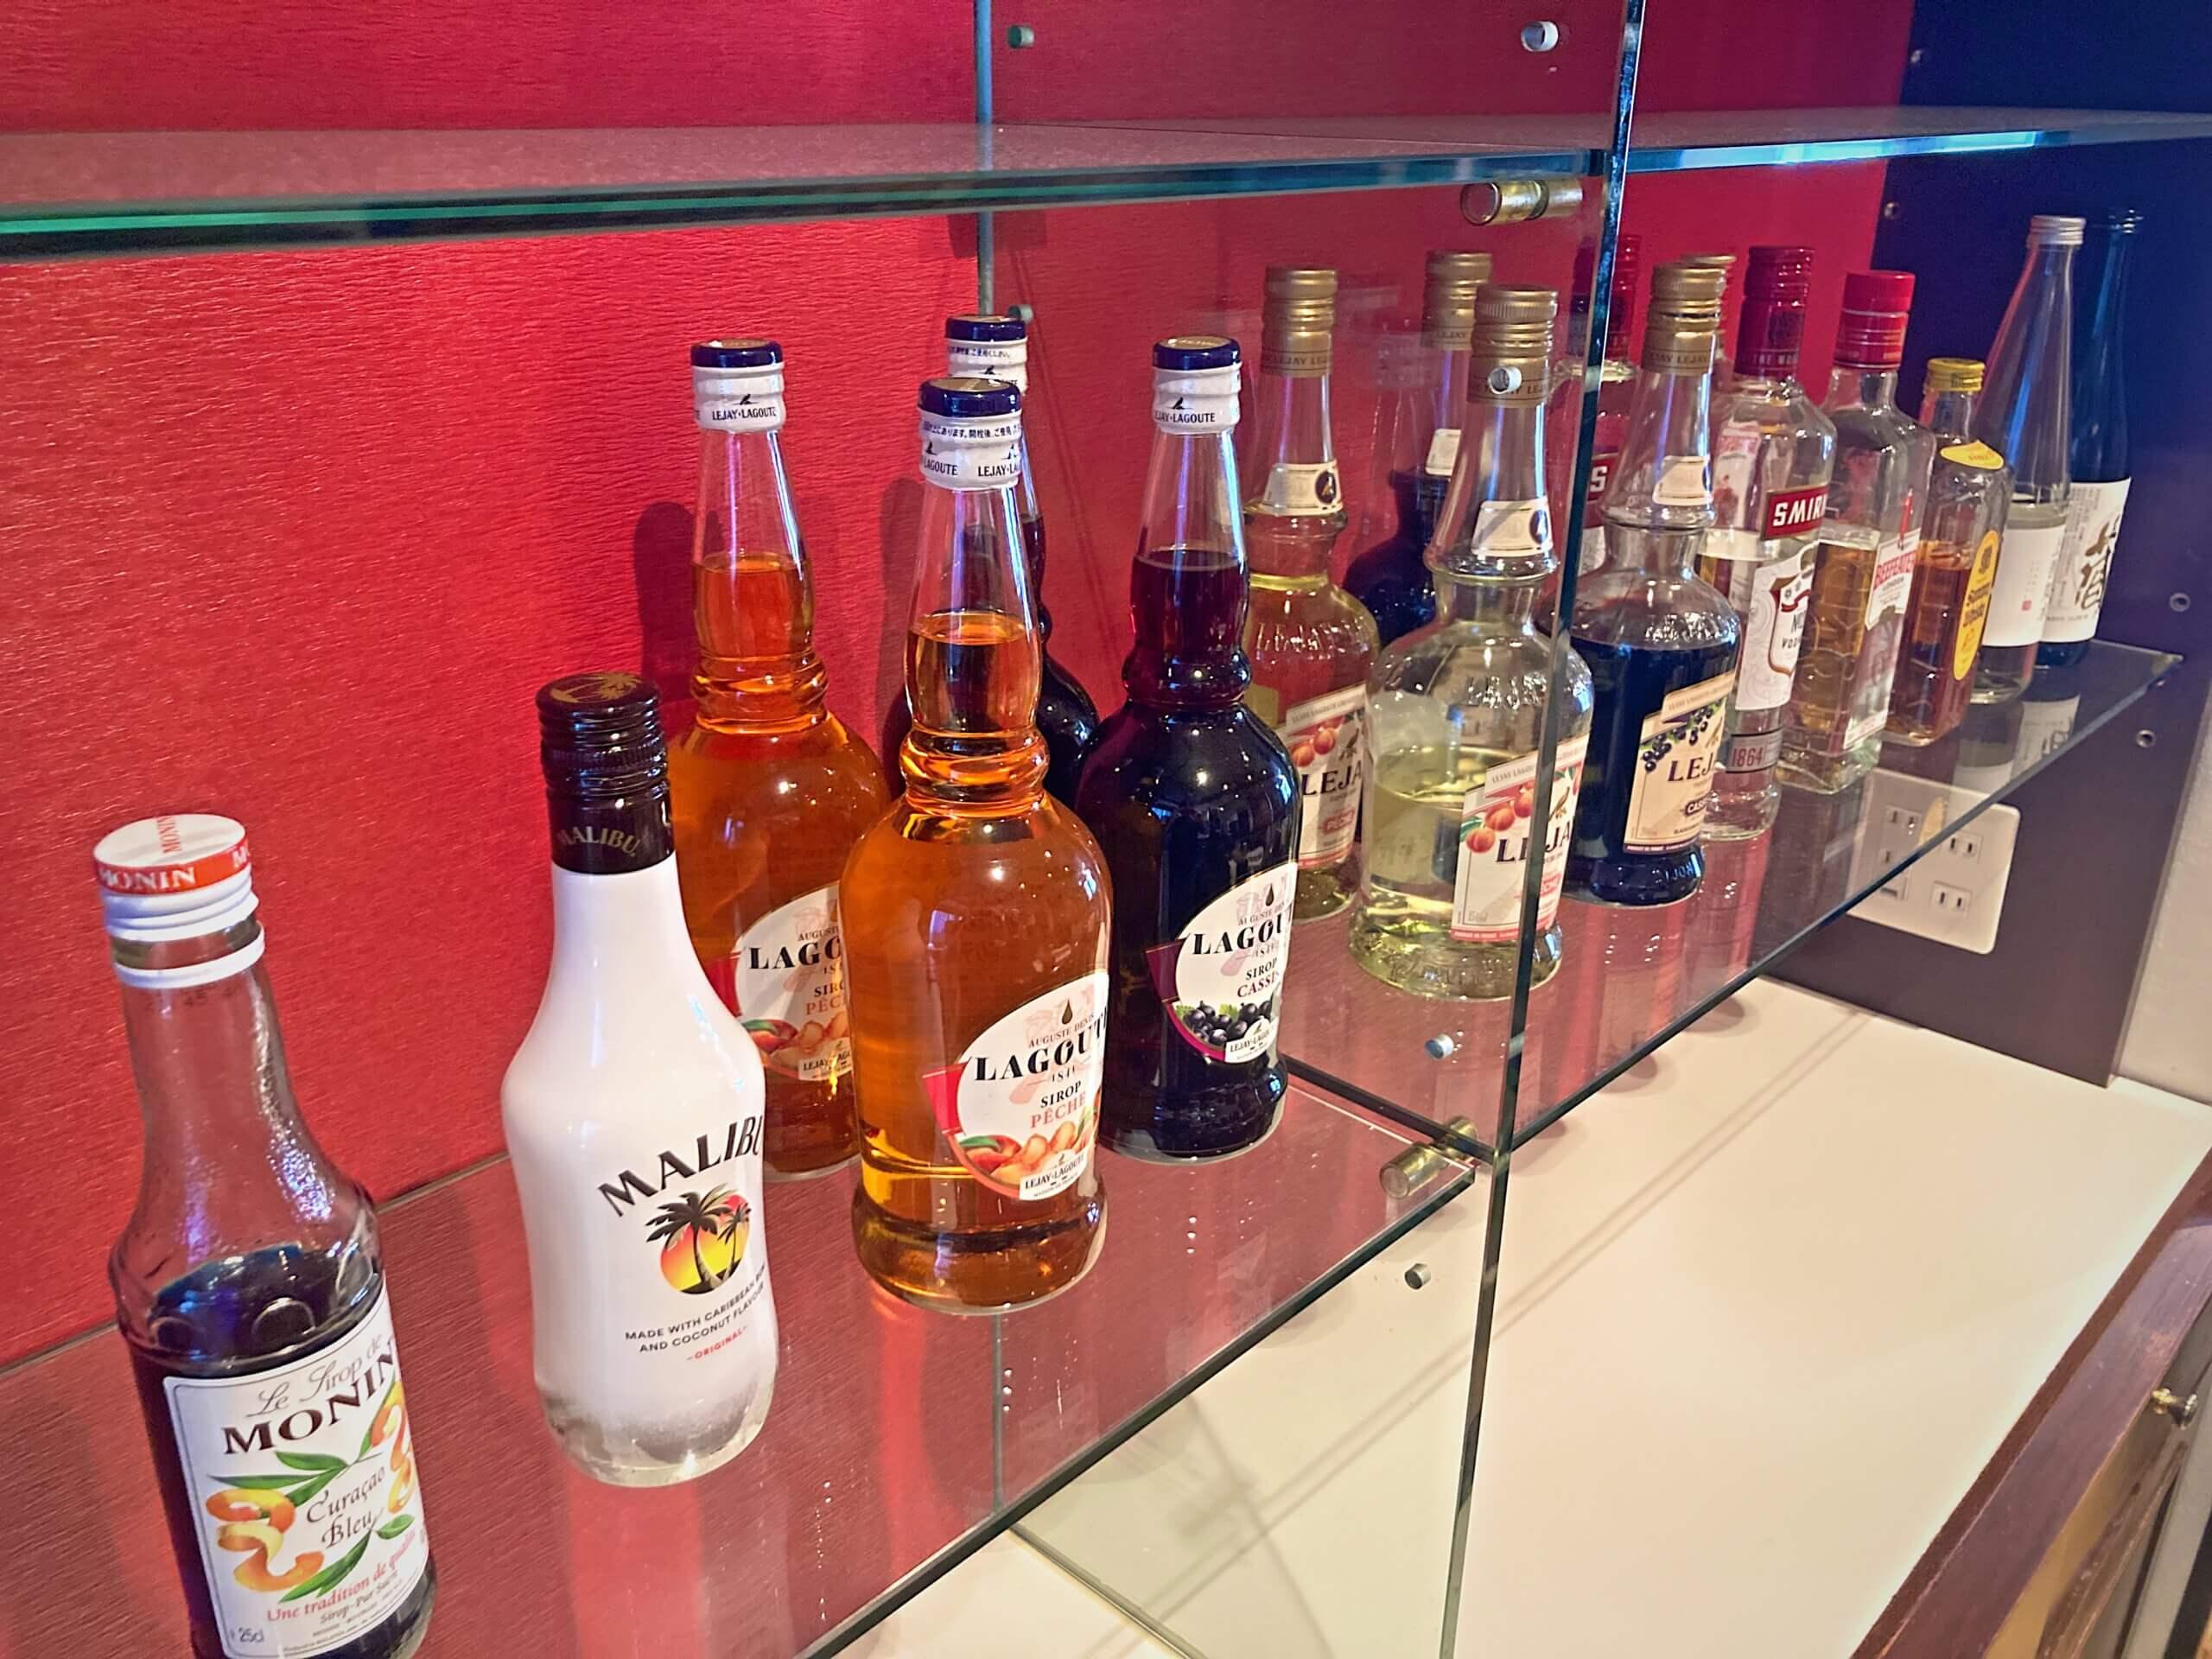 酒類を並べた棚の画像